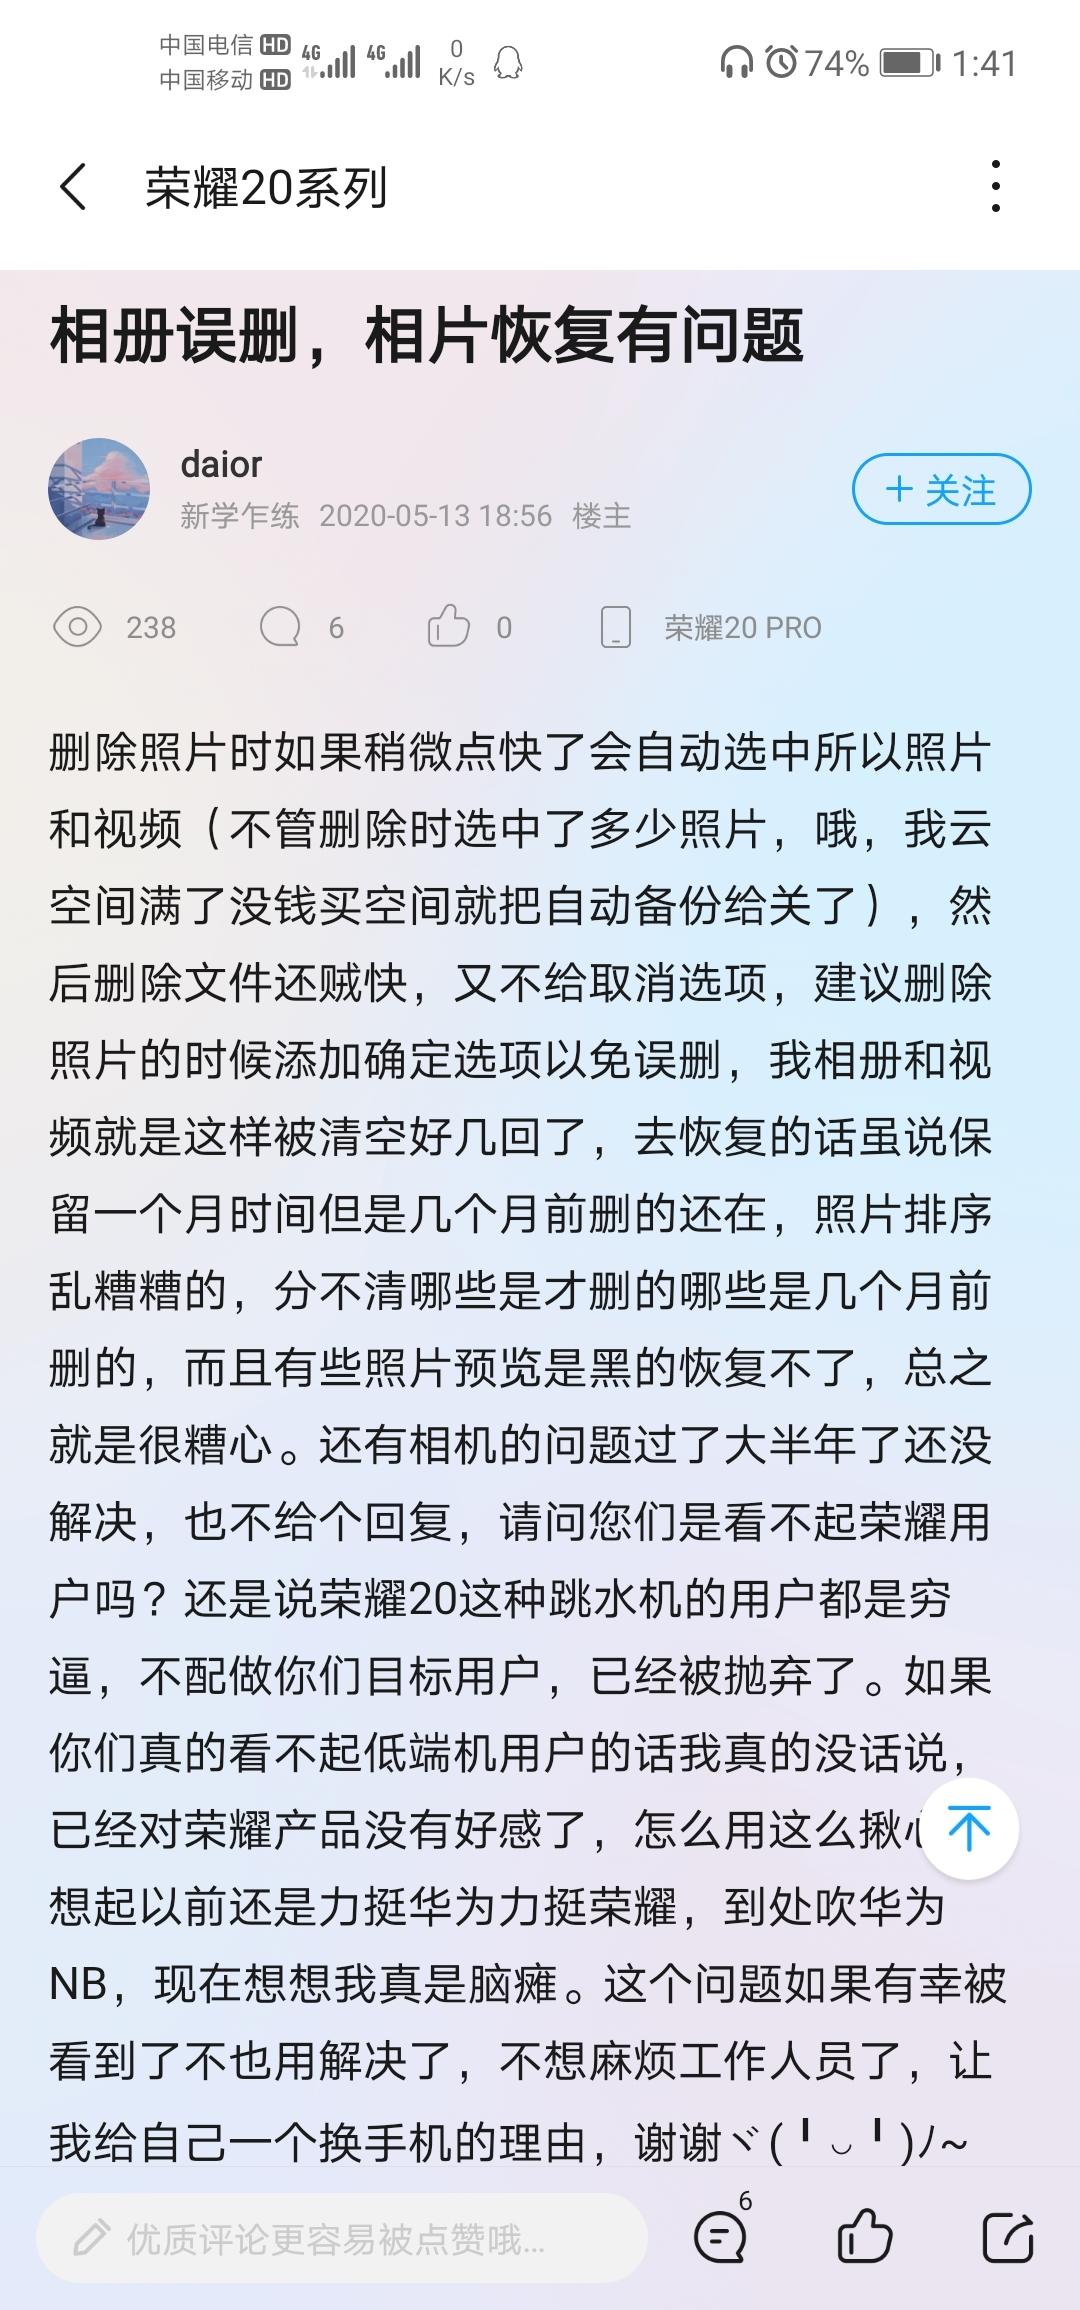 Screenshot_20200517_014128_com.huawei.fans.jpg